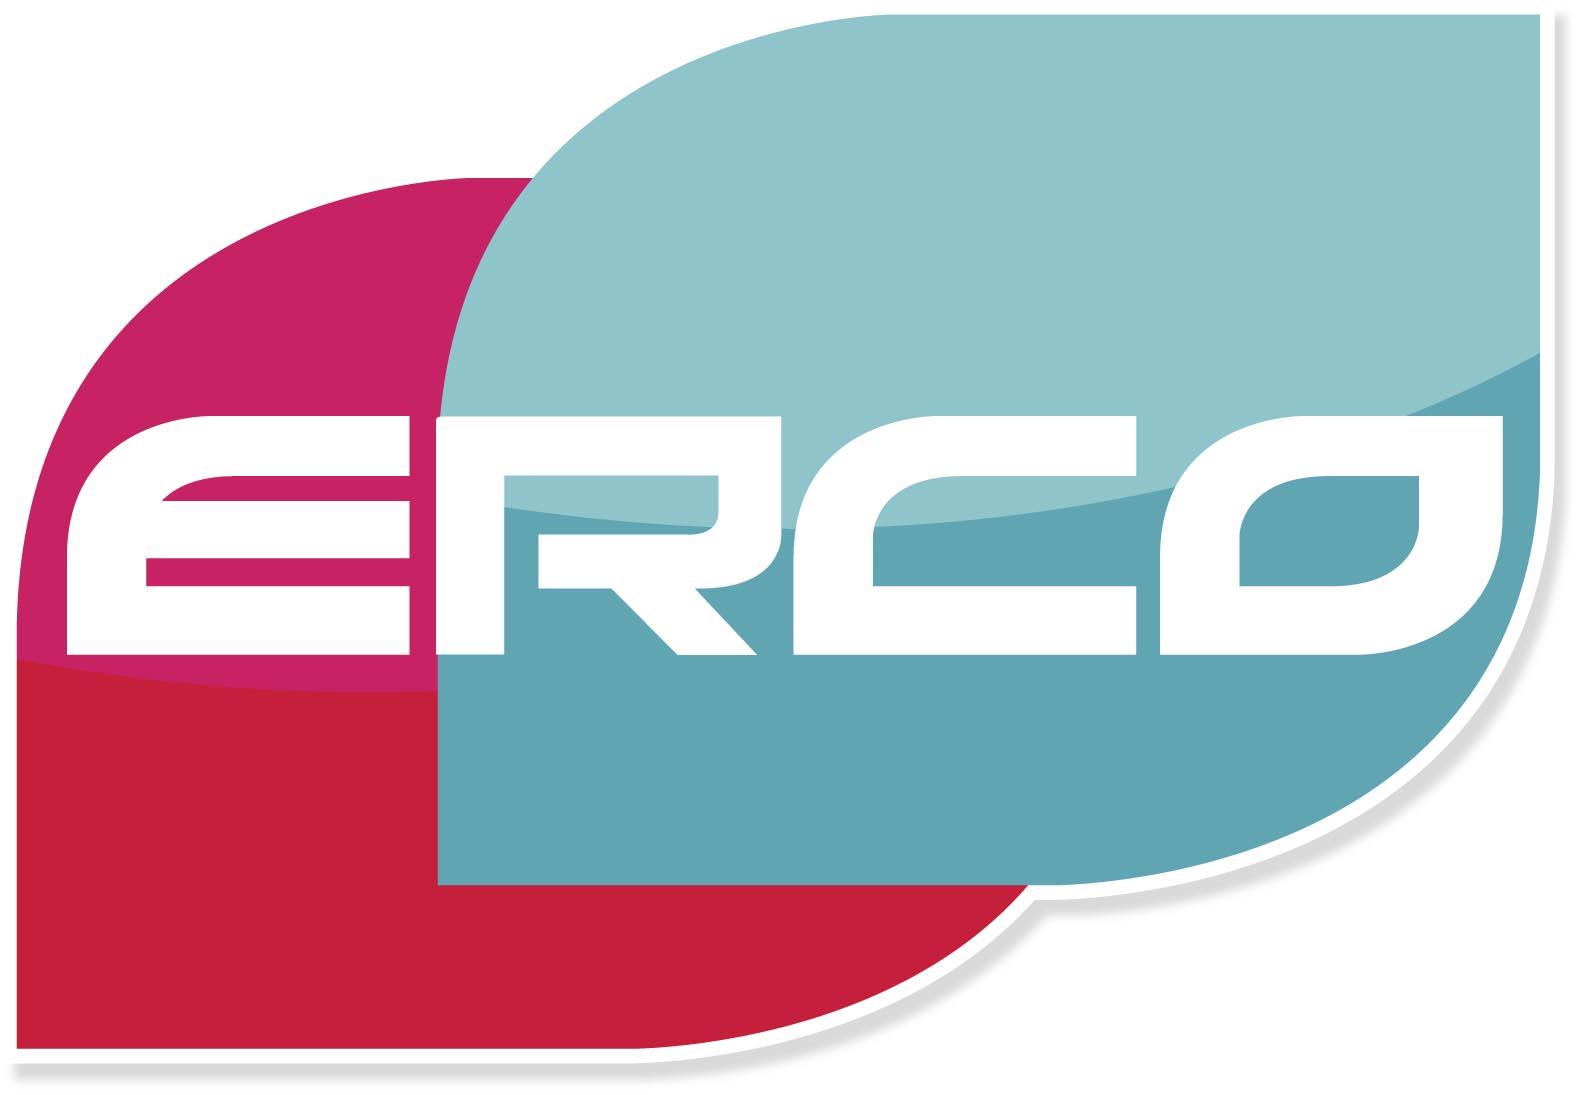 ERCO-LOGO-PH-Q